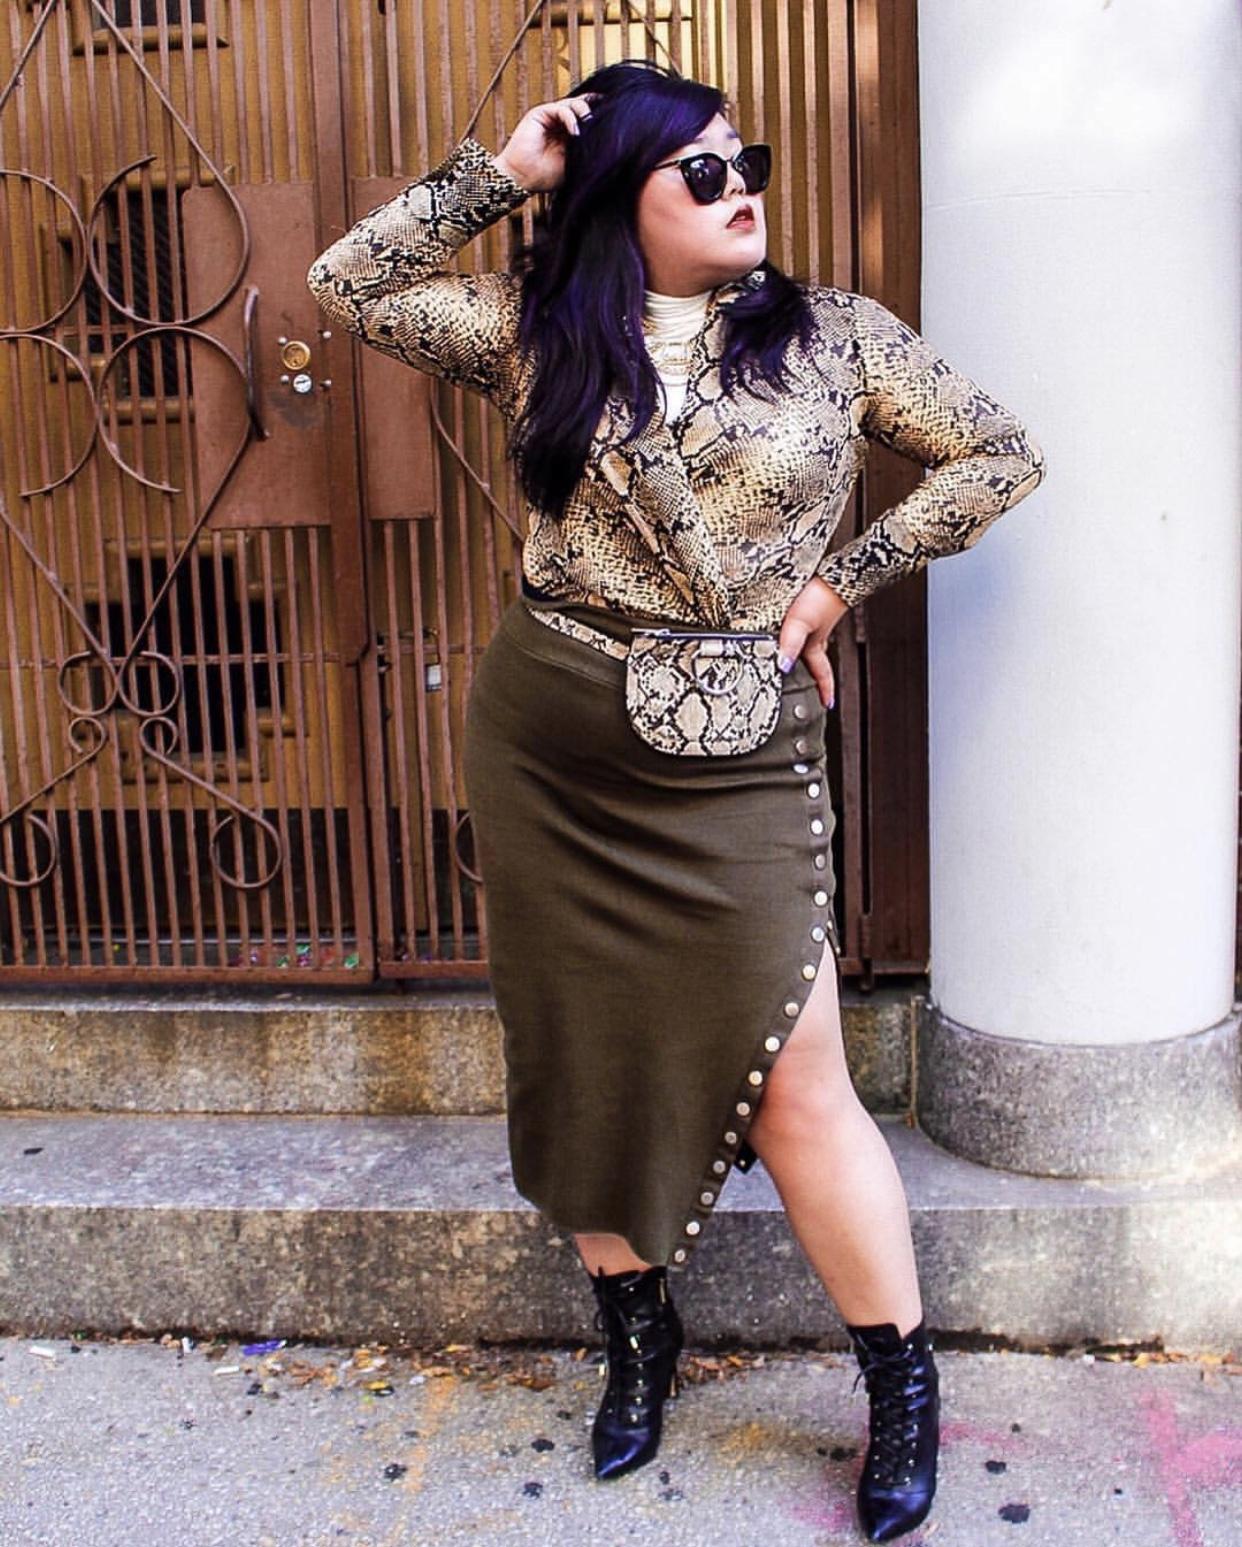 Marste Clothing line by Marlena Stell Makeup Geek